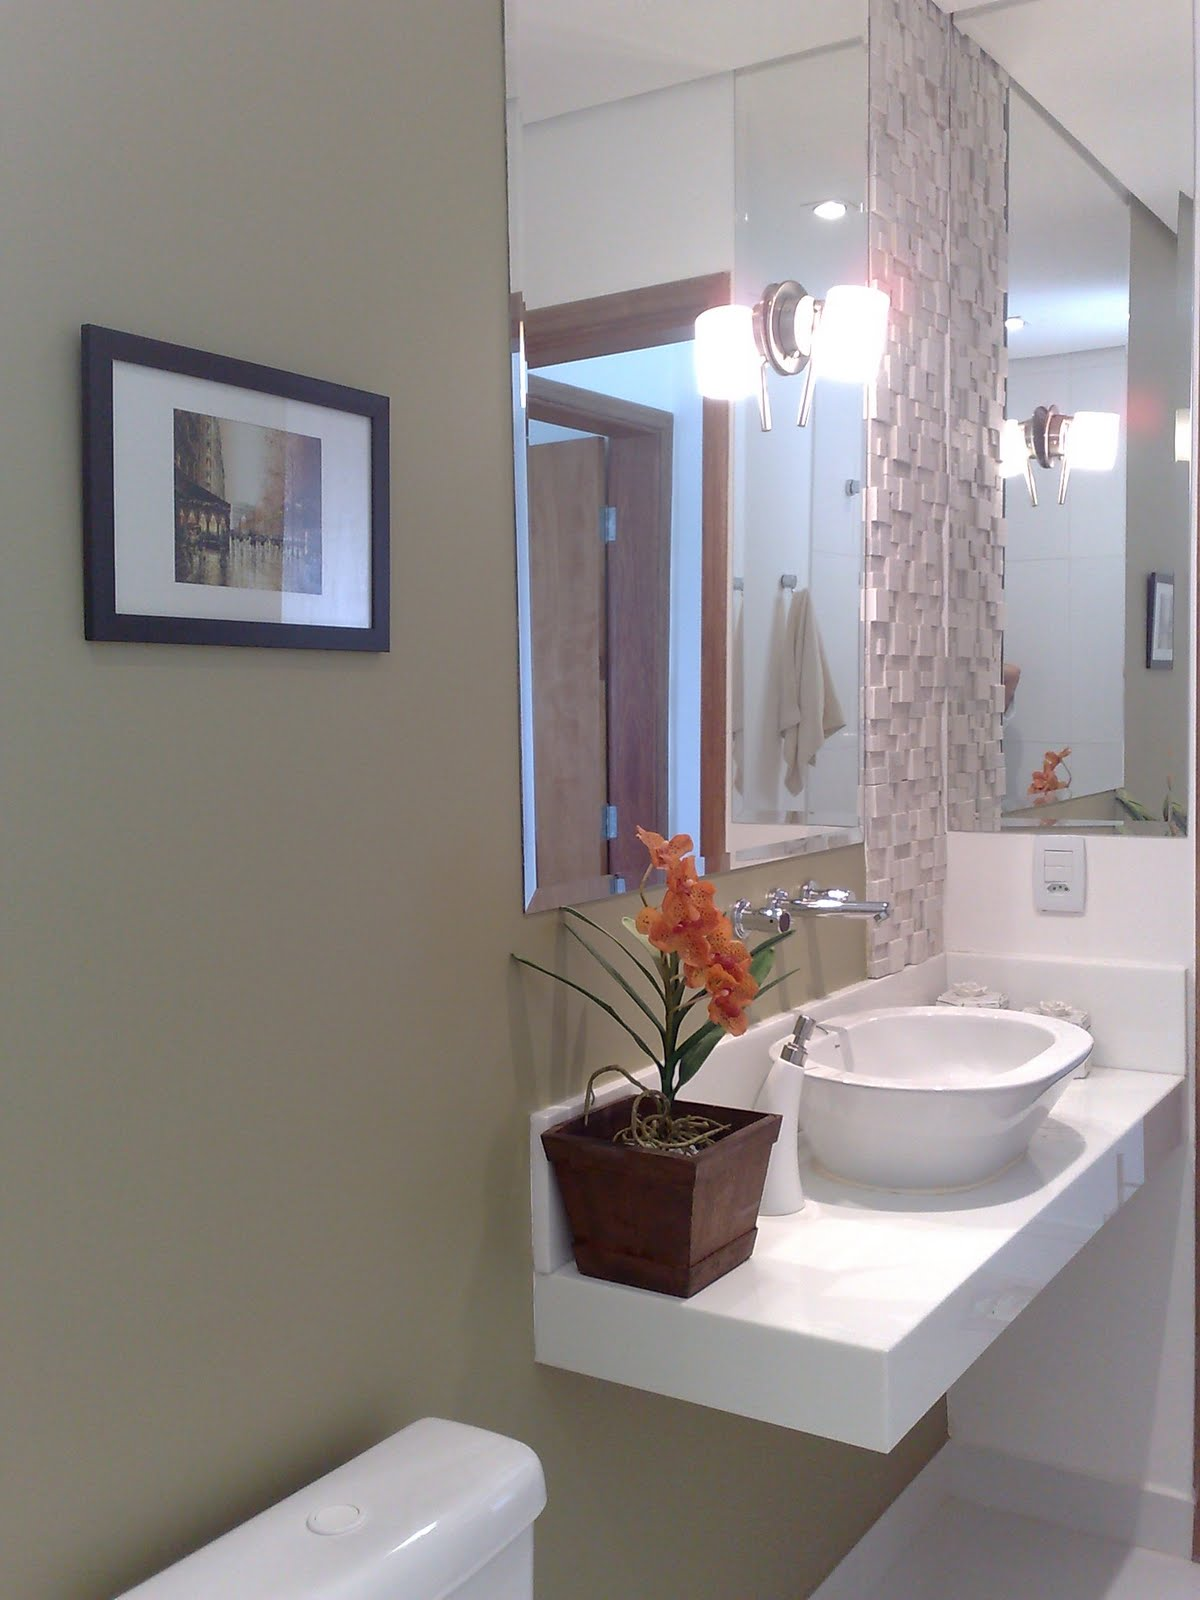 Imagens de #3A5C91 Construindo Minha Casa Clean: Projeto do Lavabo! 1200x1600 px 3692 Banheiros Quadrados Modernos